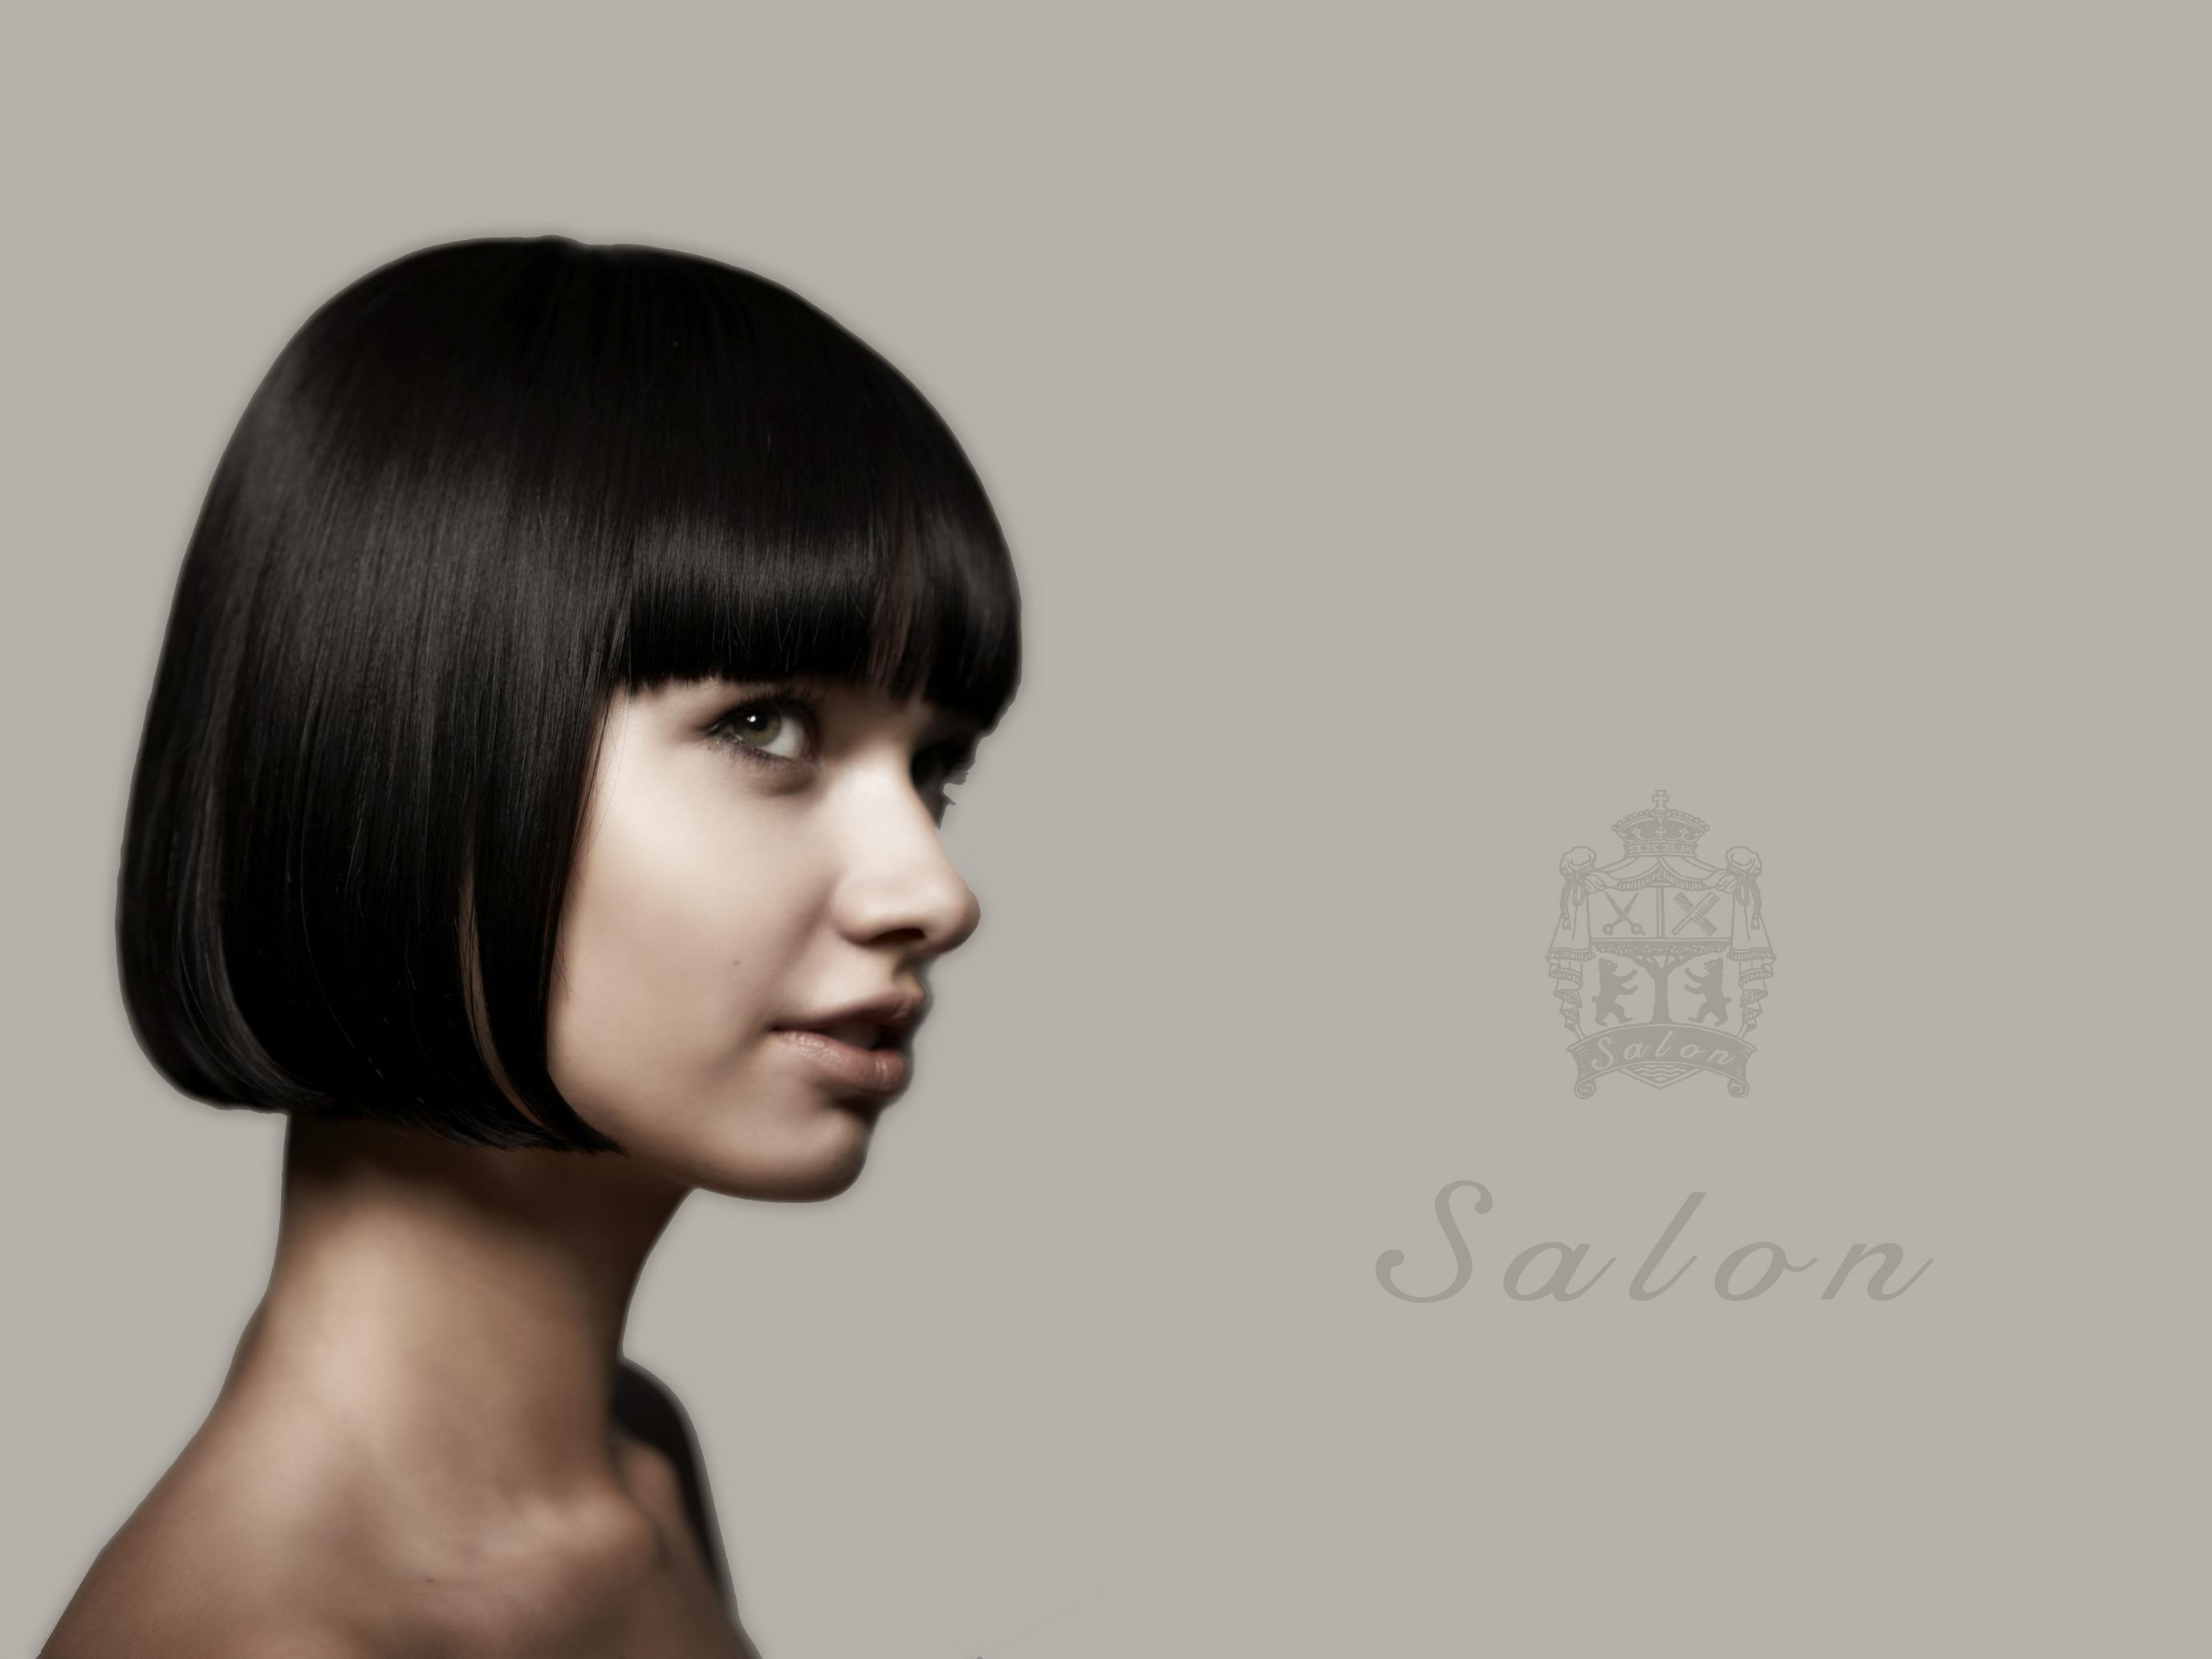 salon_style02-のコピー